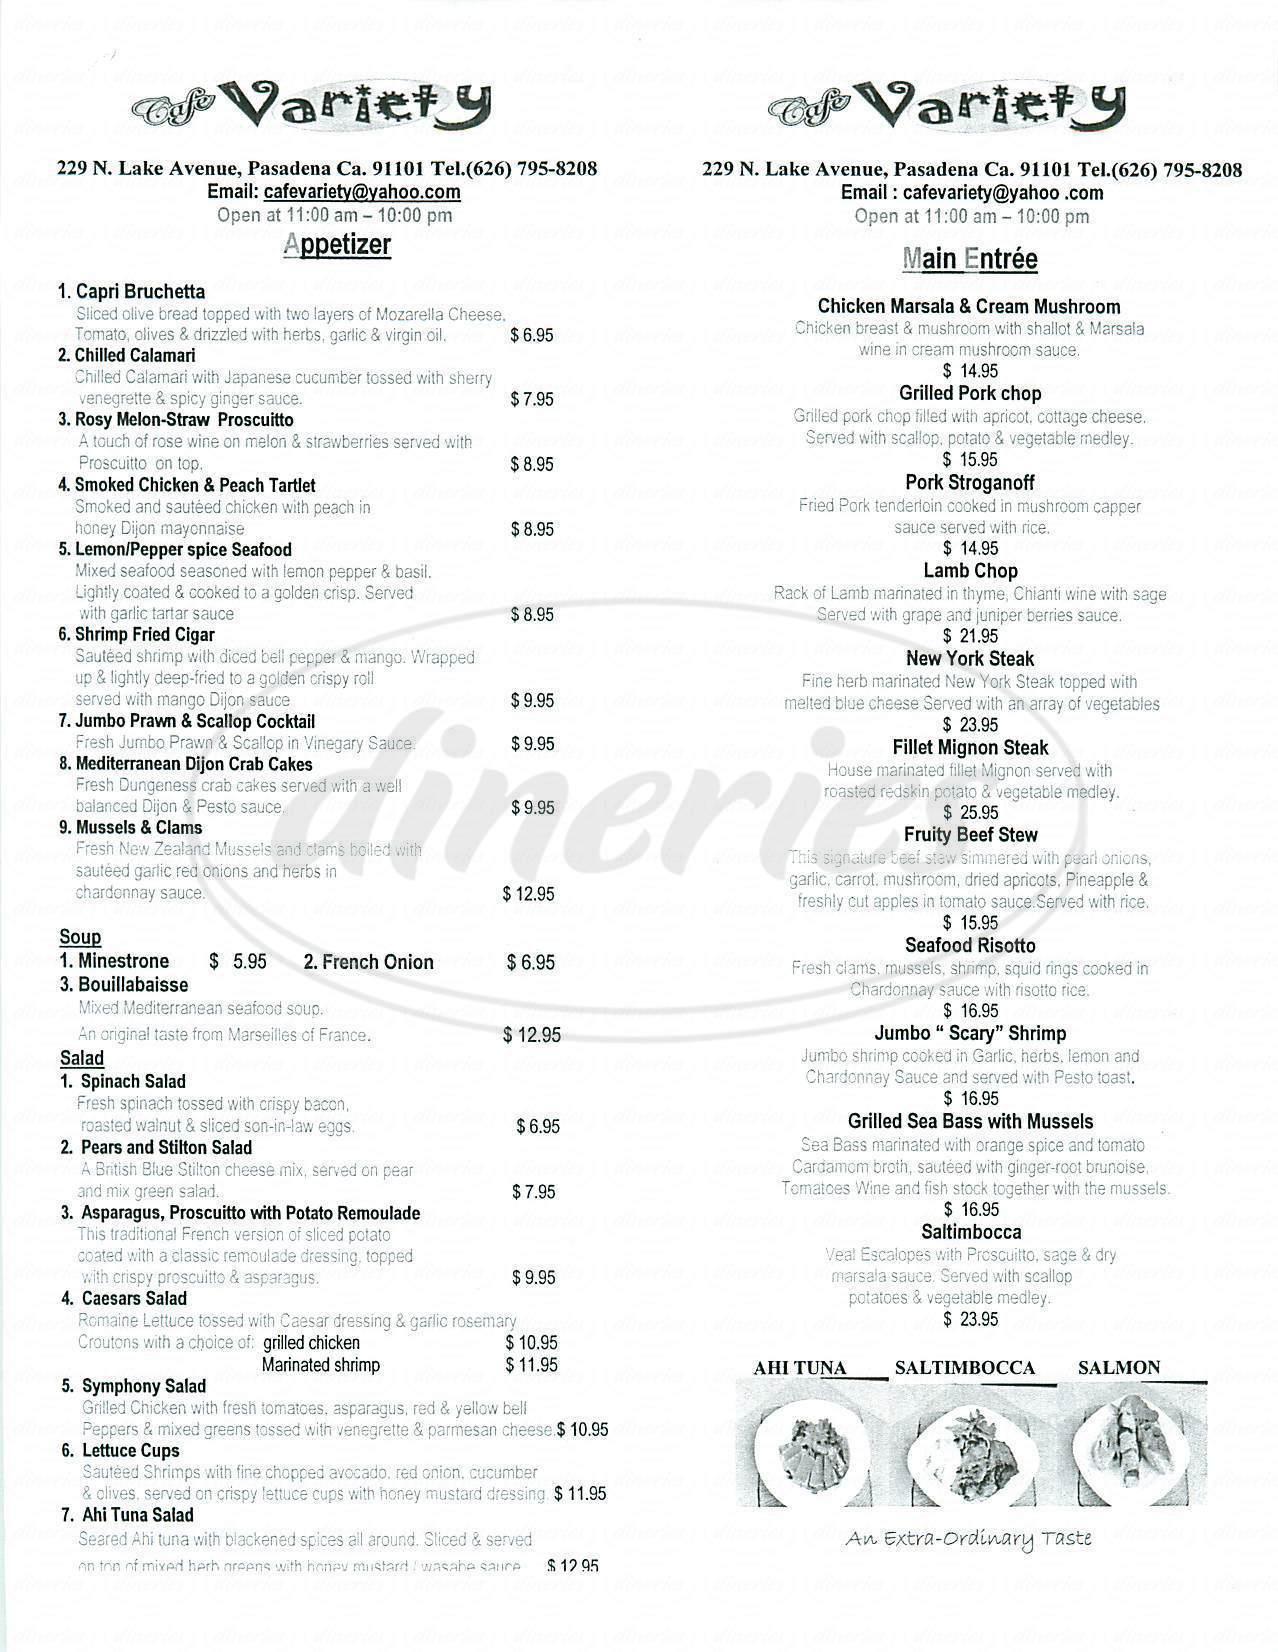 menu for Café Variety